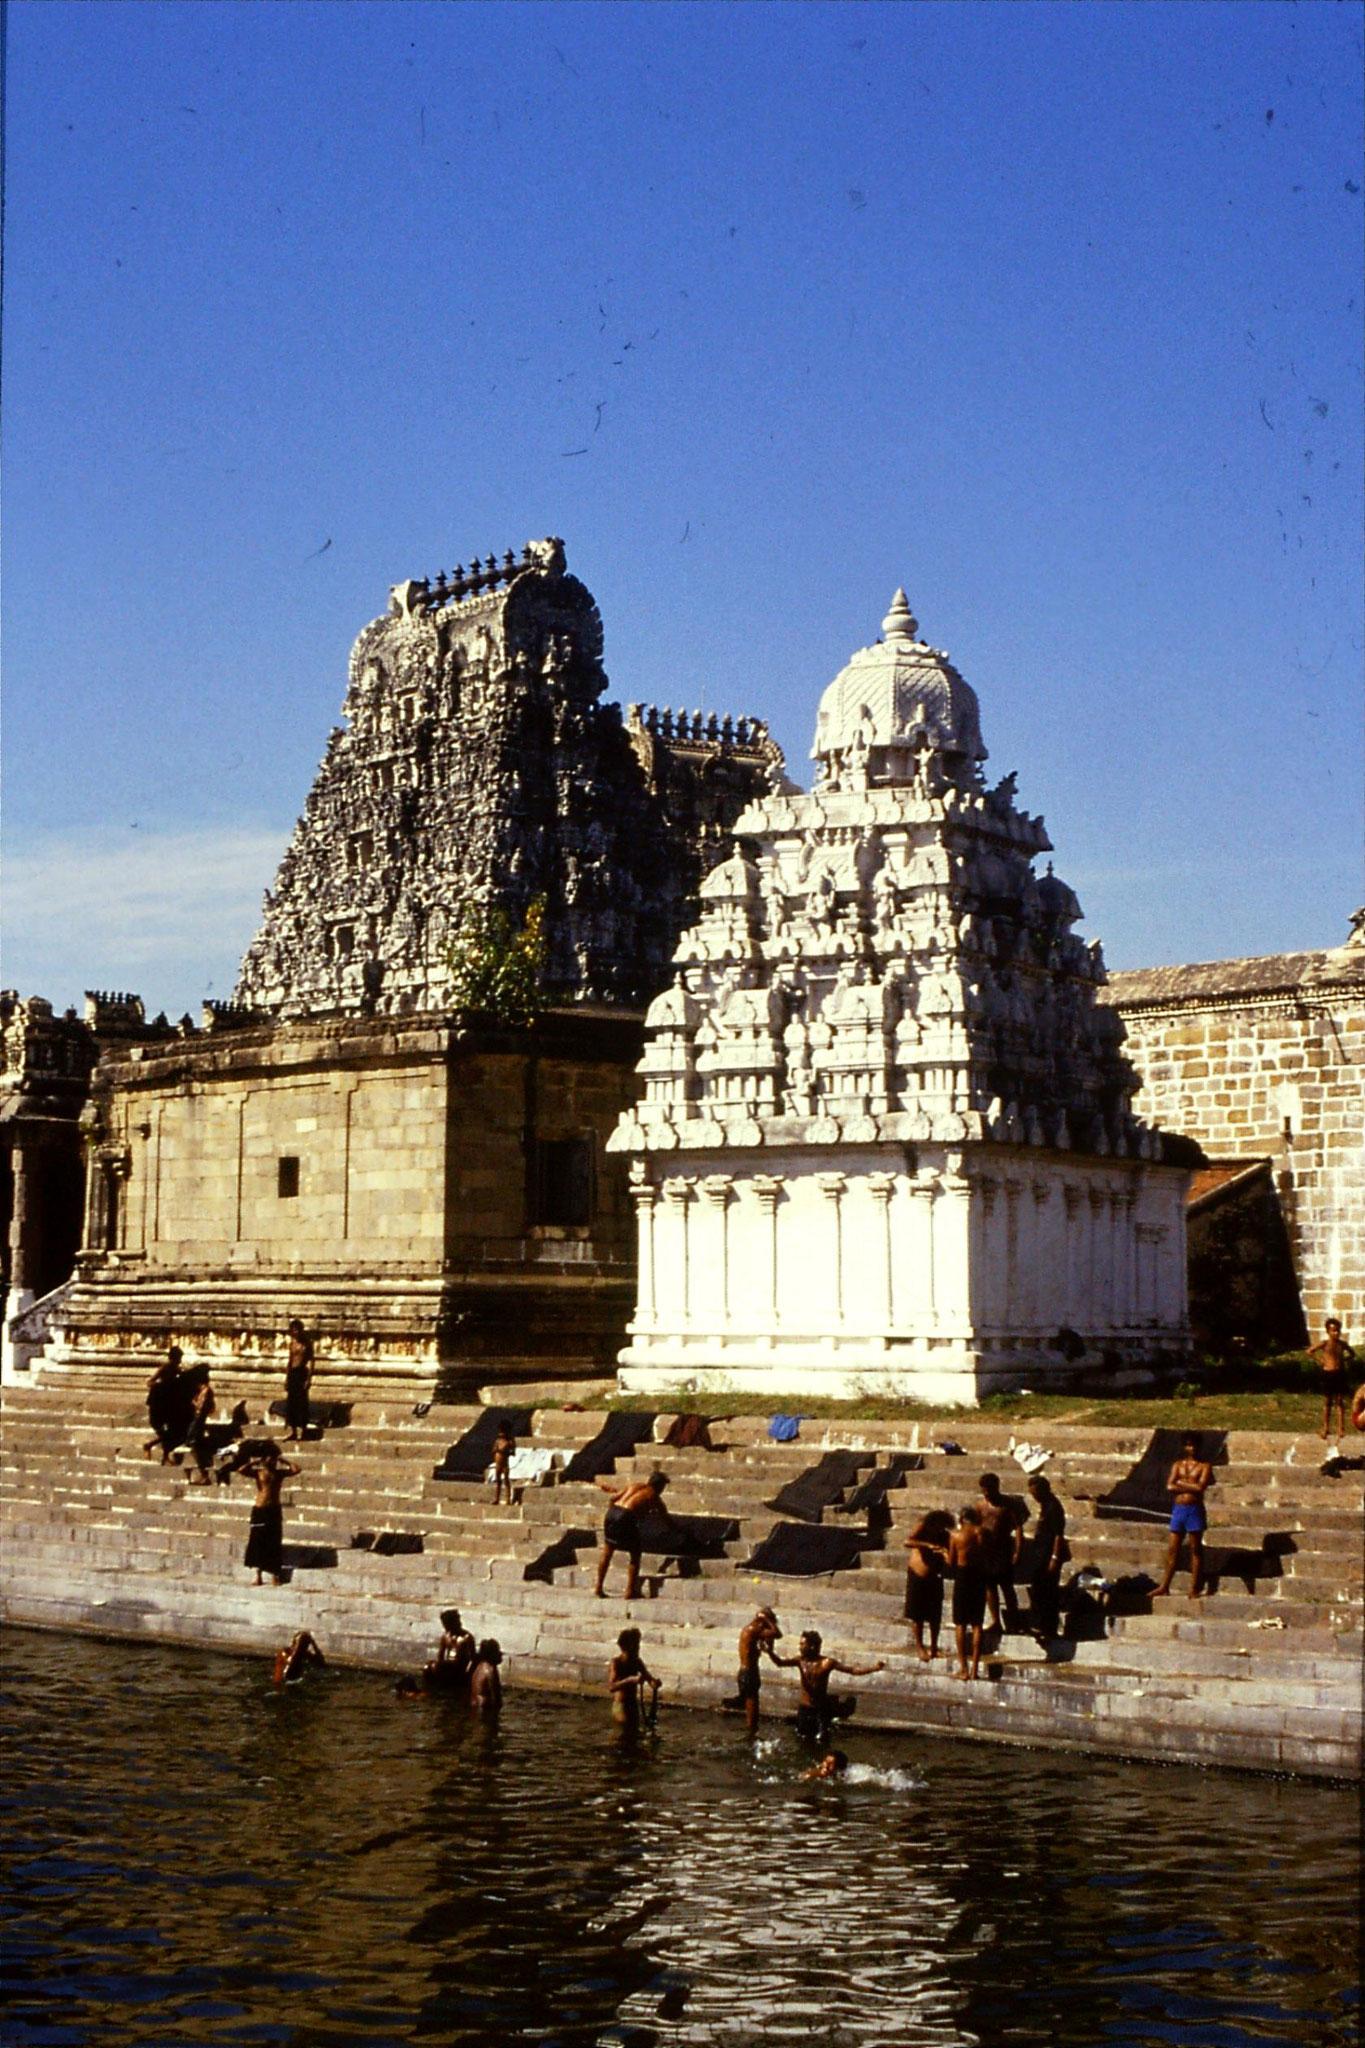 19/1/1990: 13: Kanchipuram, pilgrims